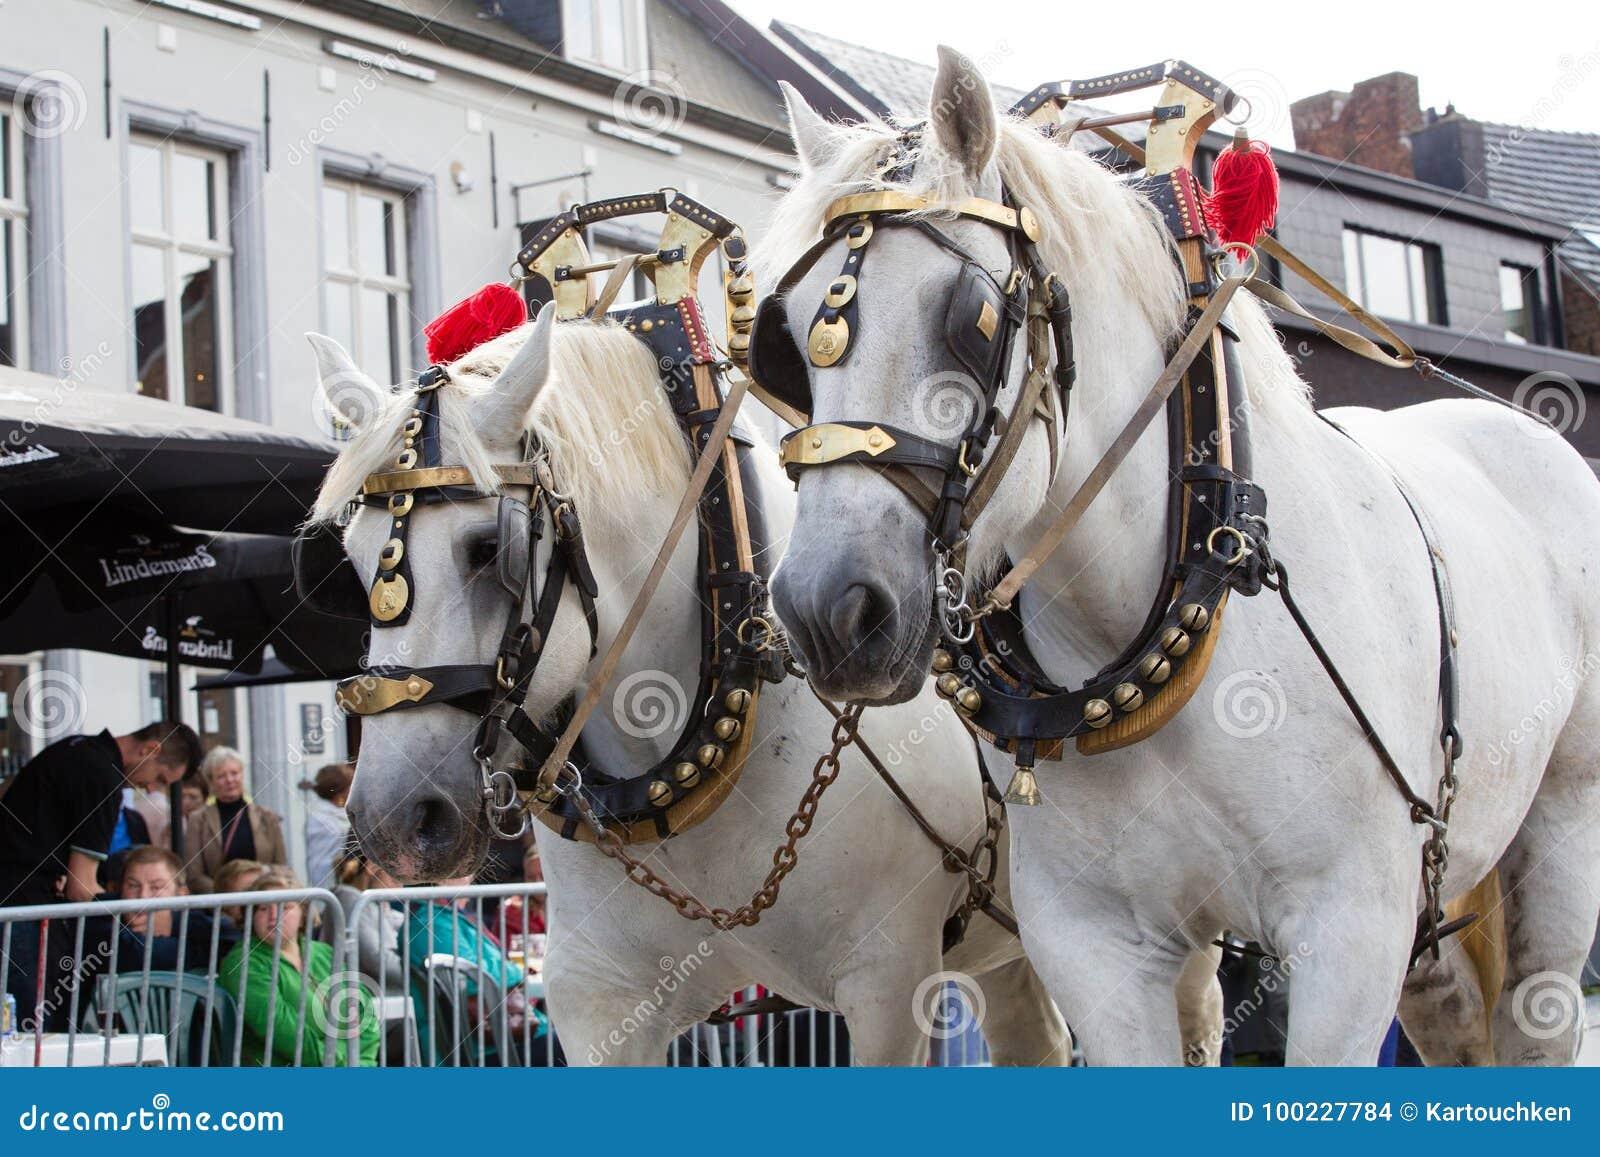 Heavy Horses Parade Lennik Editorial Stock Image Image Of Flemish 100227784